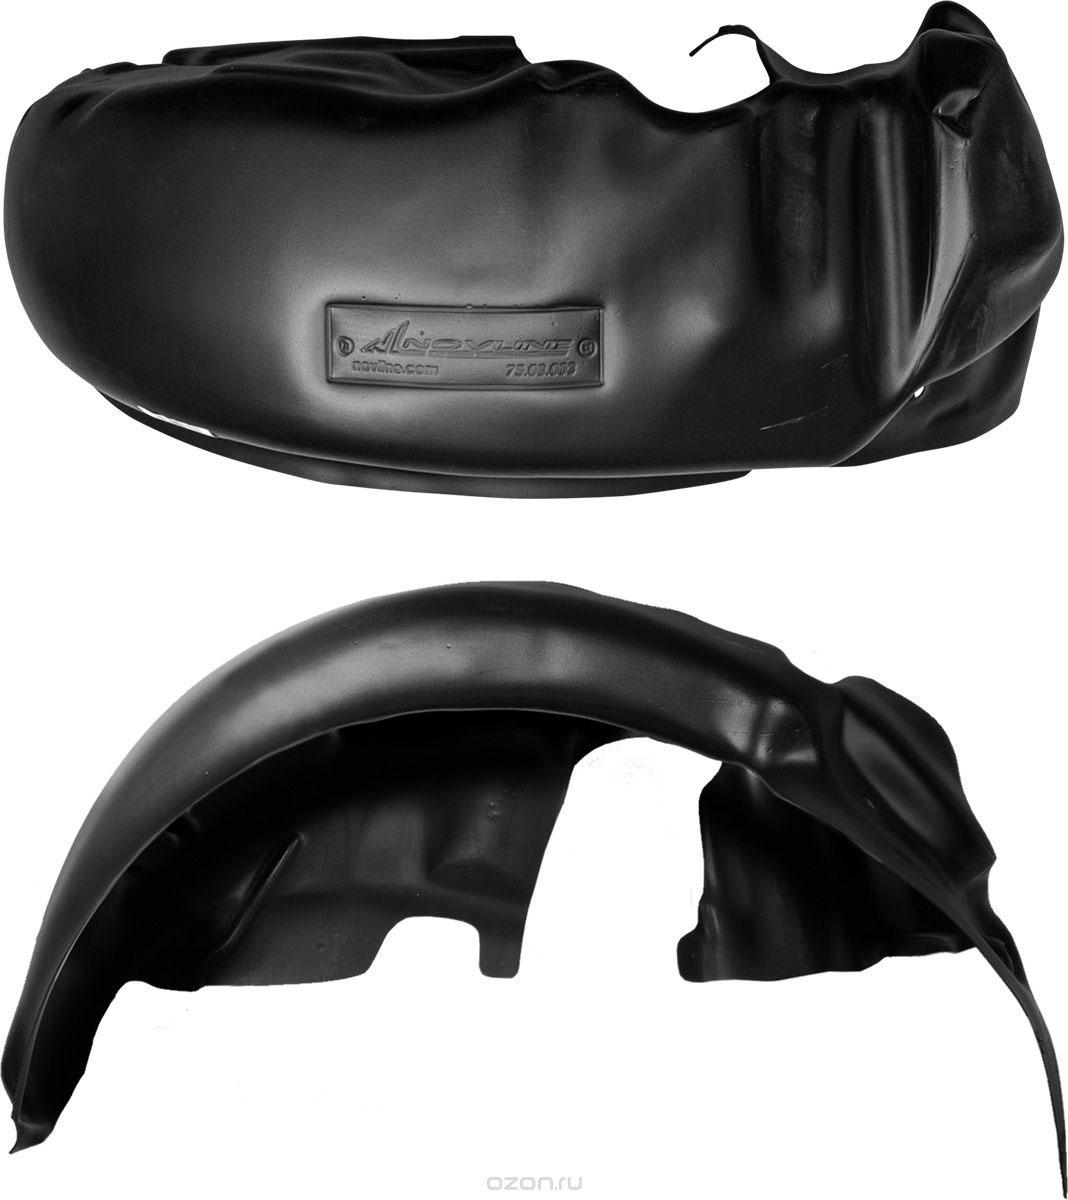 Подкрылок Novline-Autofamily, для Kia Cerato, 03/2009-2013, передний правыйNLL.25.26.002Идеальная защита колесной ниши. Локеры разработаны с применением цифровых технологий, гарантируют максимальную повторяемость поверхности арки. Изделия устанавливаются без нарушения лакокрасочного покрытия автомобиля, каждый подкрылок комплектуется крепежом. Уважаемые клиенты, обращаем ваше внимание, что фотографии на подкрылки универсальные и не отражают реальную форму изделия. При этом само изделие идет точно под размер указанного автомобиля.